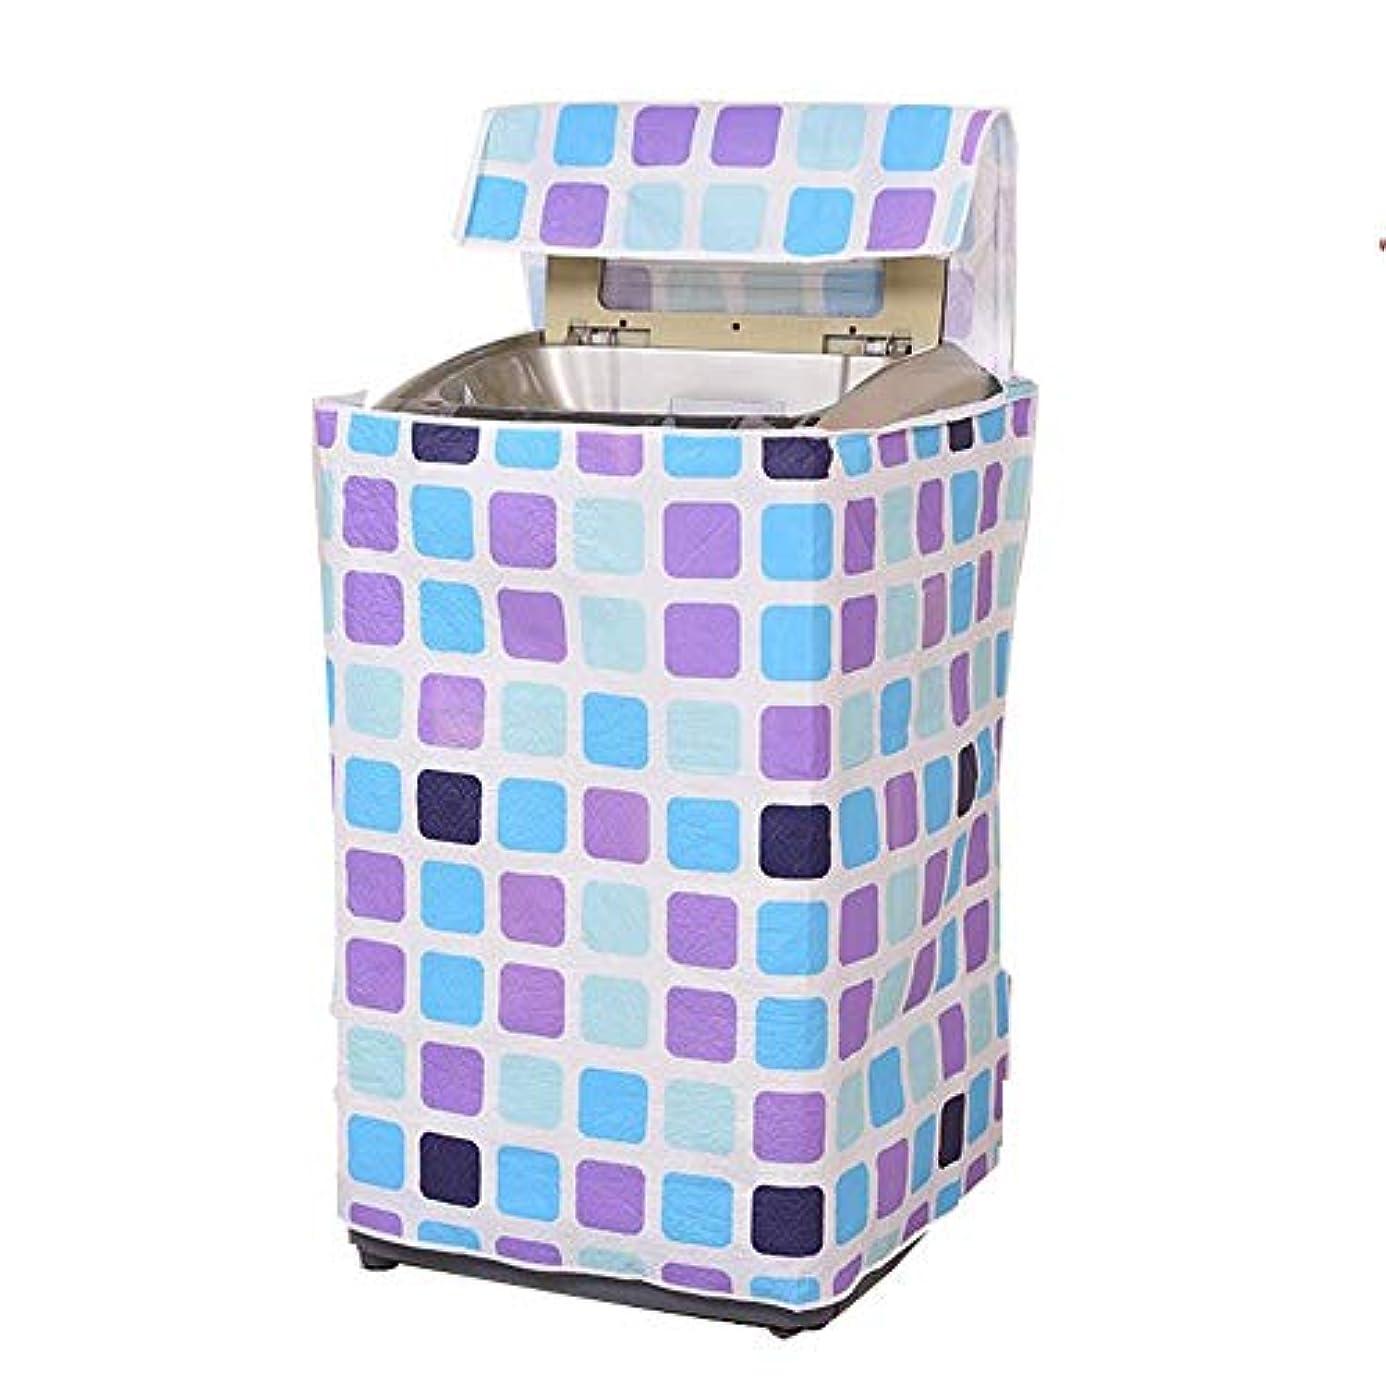 周辺外部拳洗濯機カバー 防水自動洗濯機サイドオープンドラム洗濯機ダブルバレル洗濯機防塵日焼け止めカバー 耐久性と長寿命 (Color : Blue+White, Size : M)